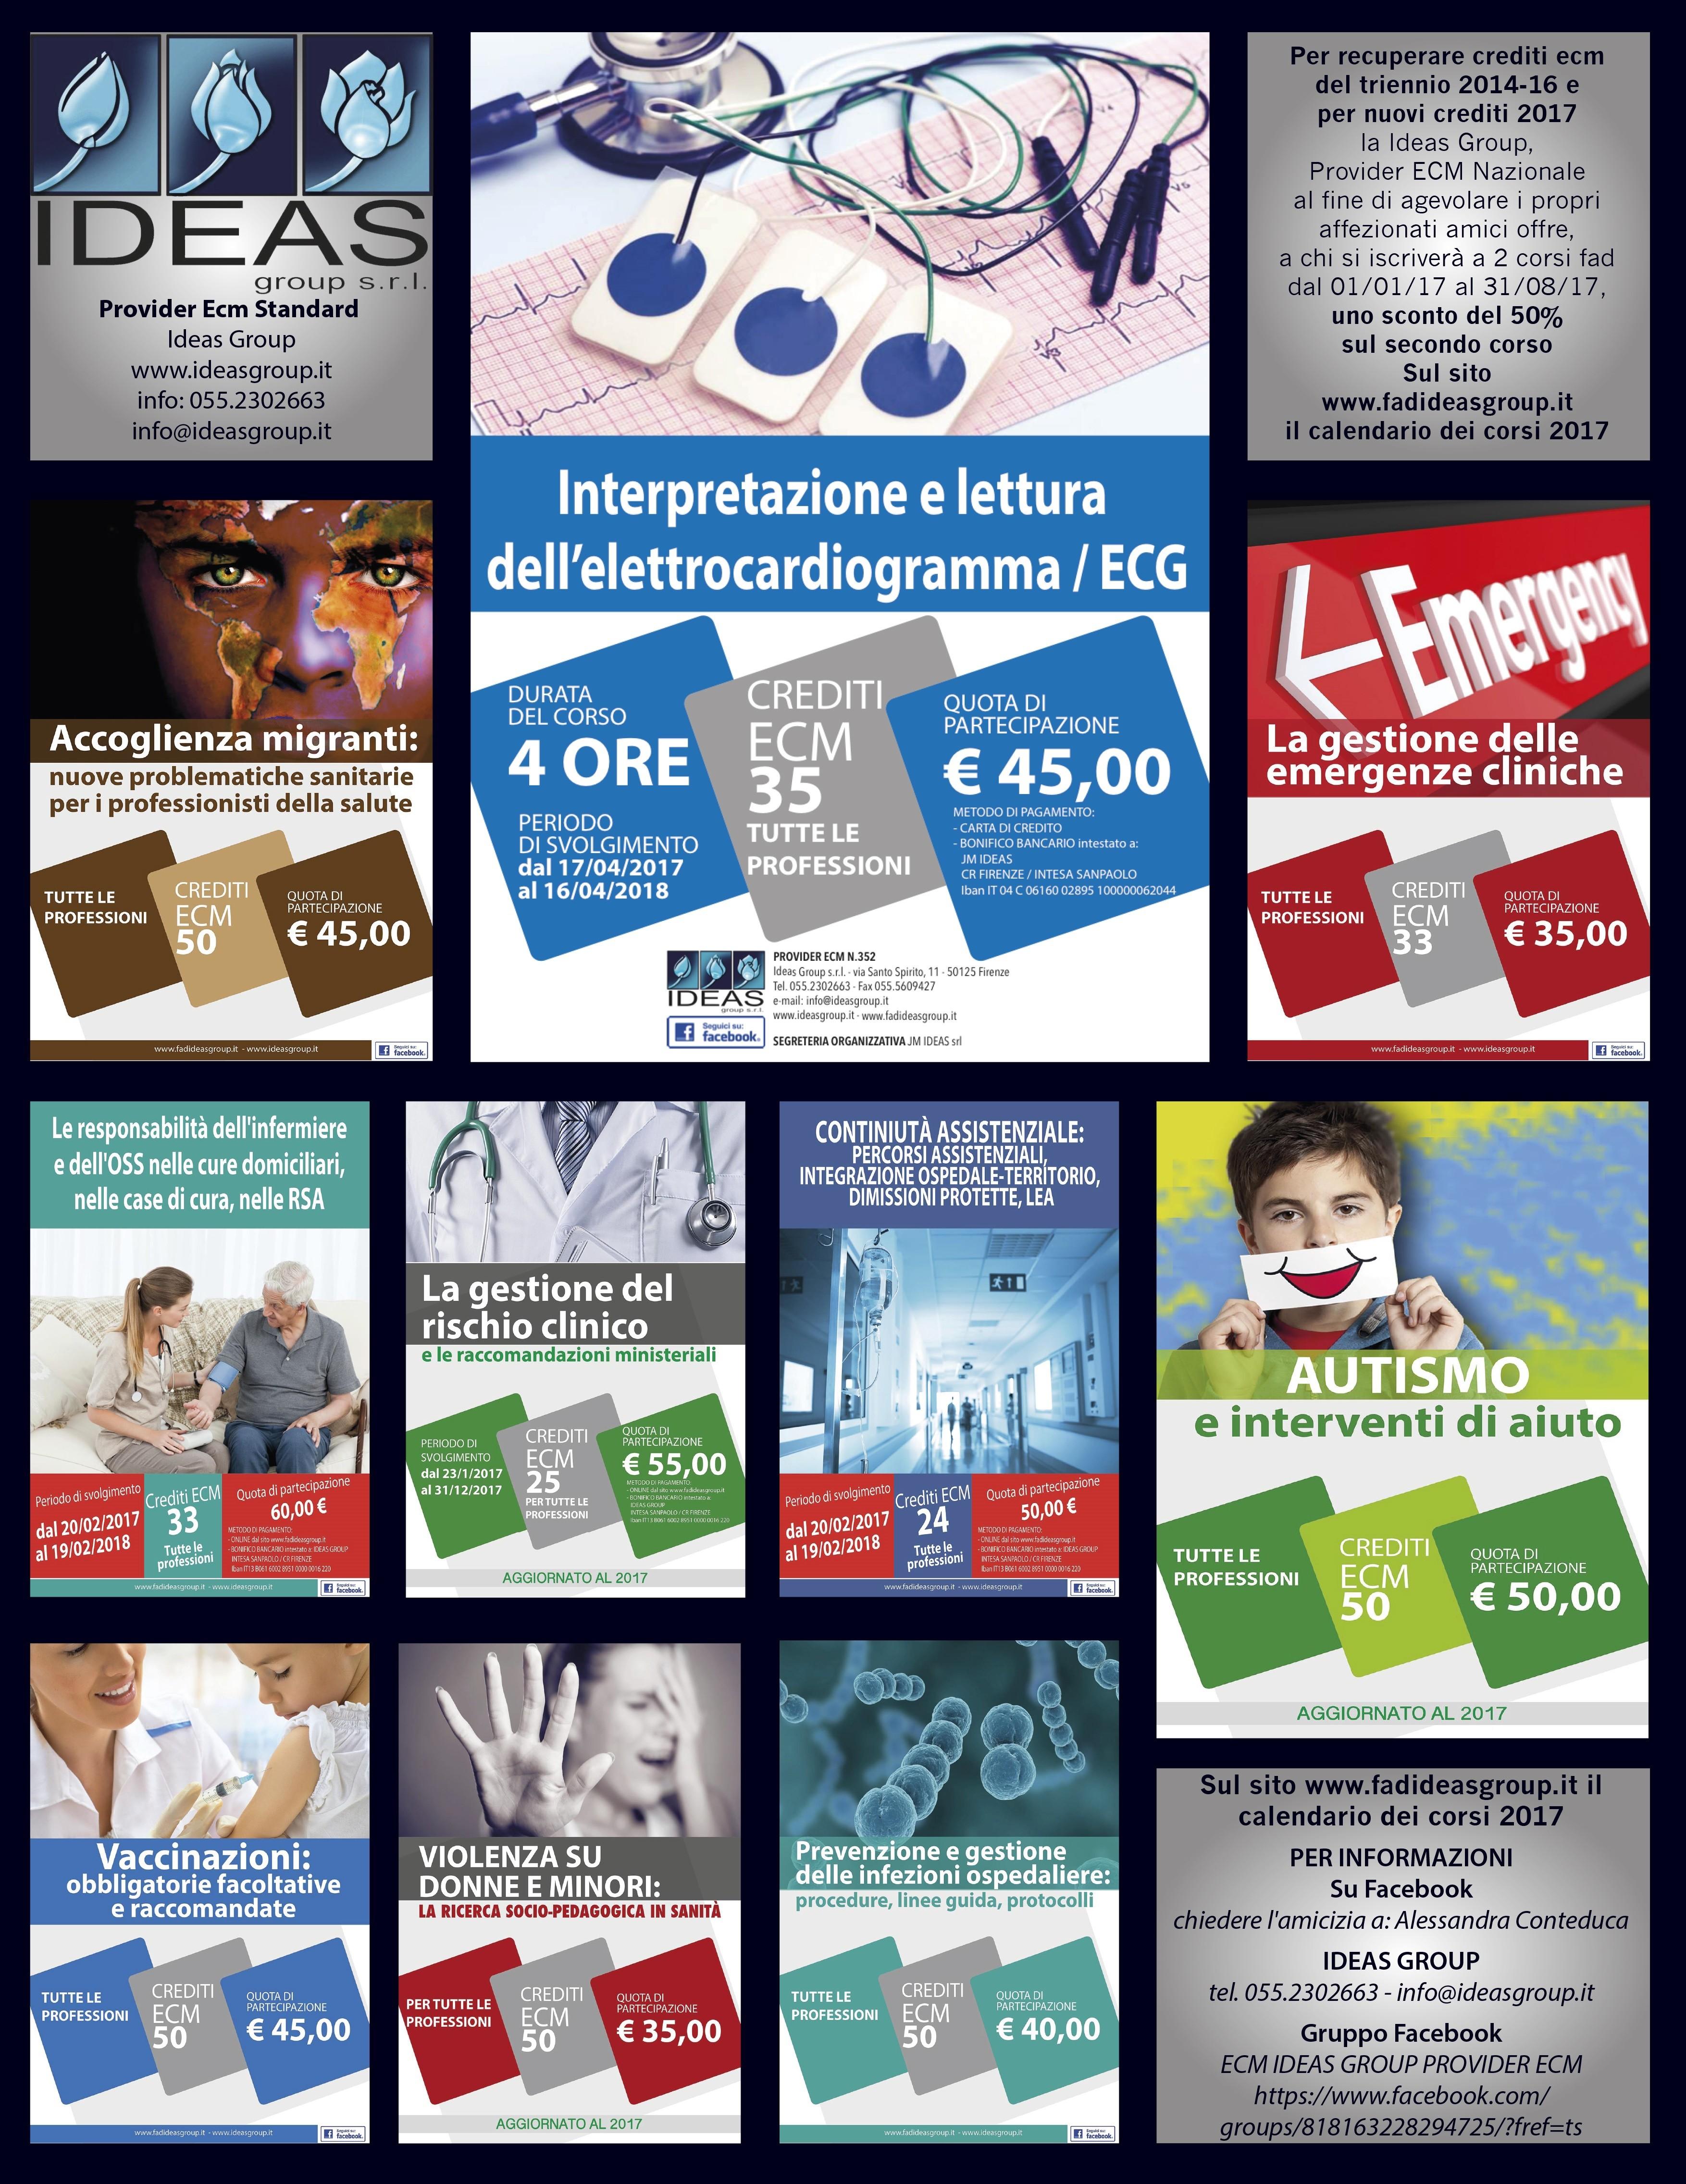 Come recuperare crediti e.c.m. del triennio 2014-16? Ecco tutte le indicazioni